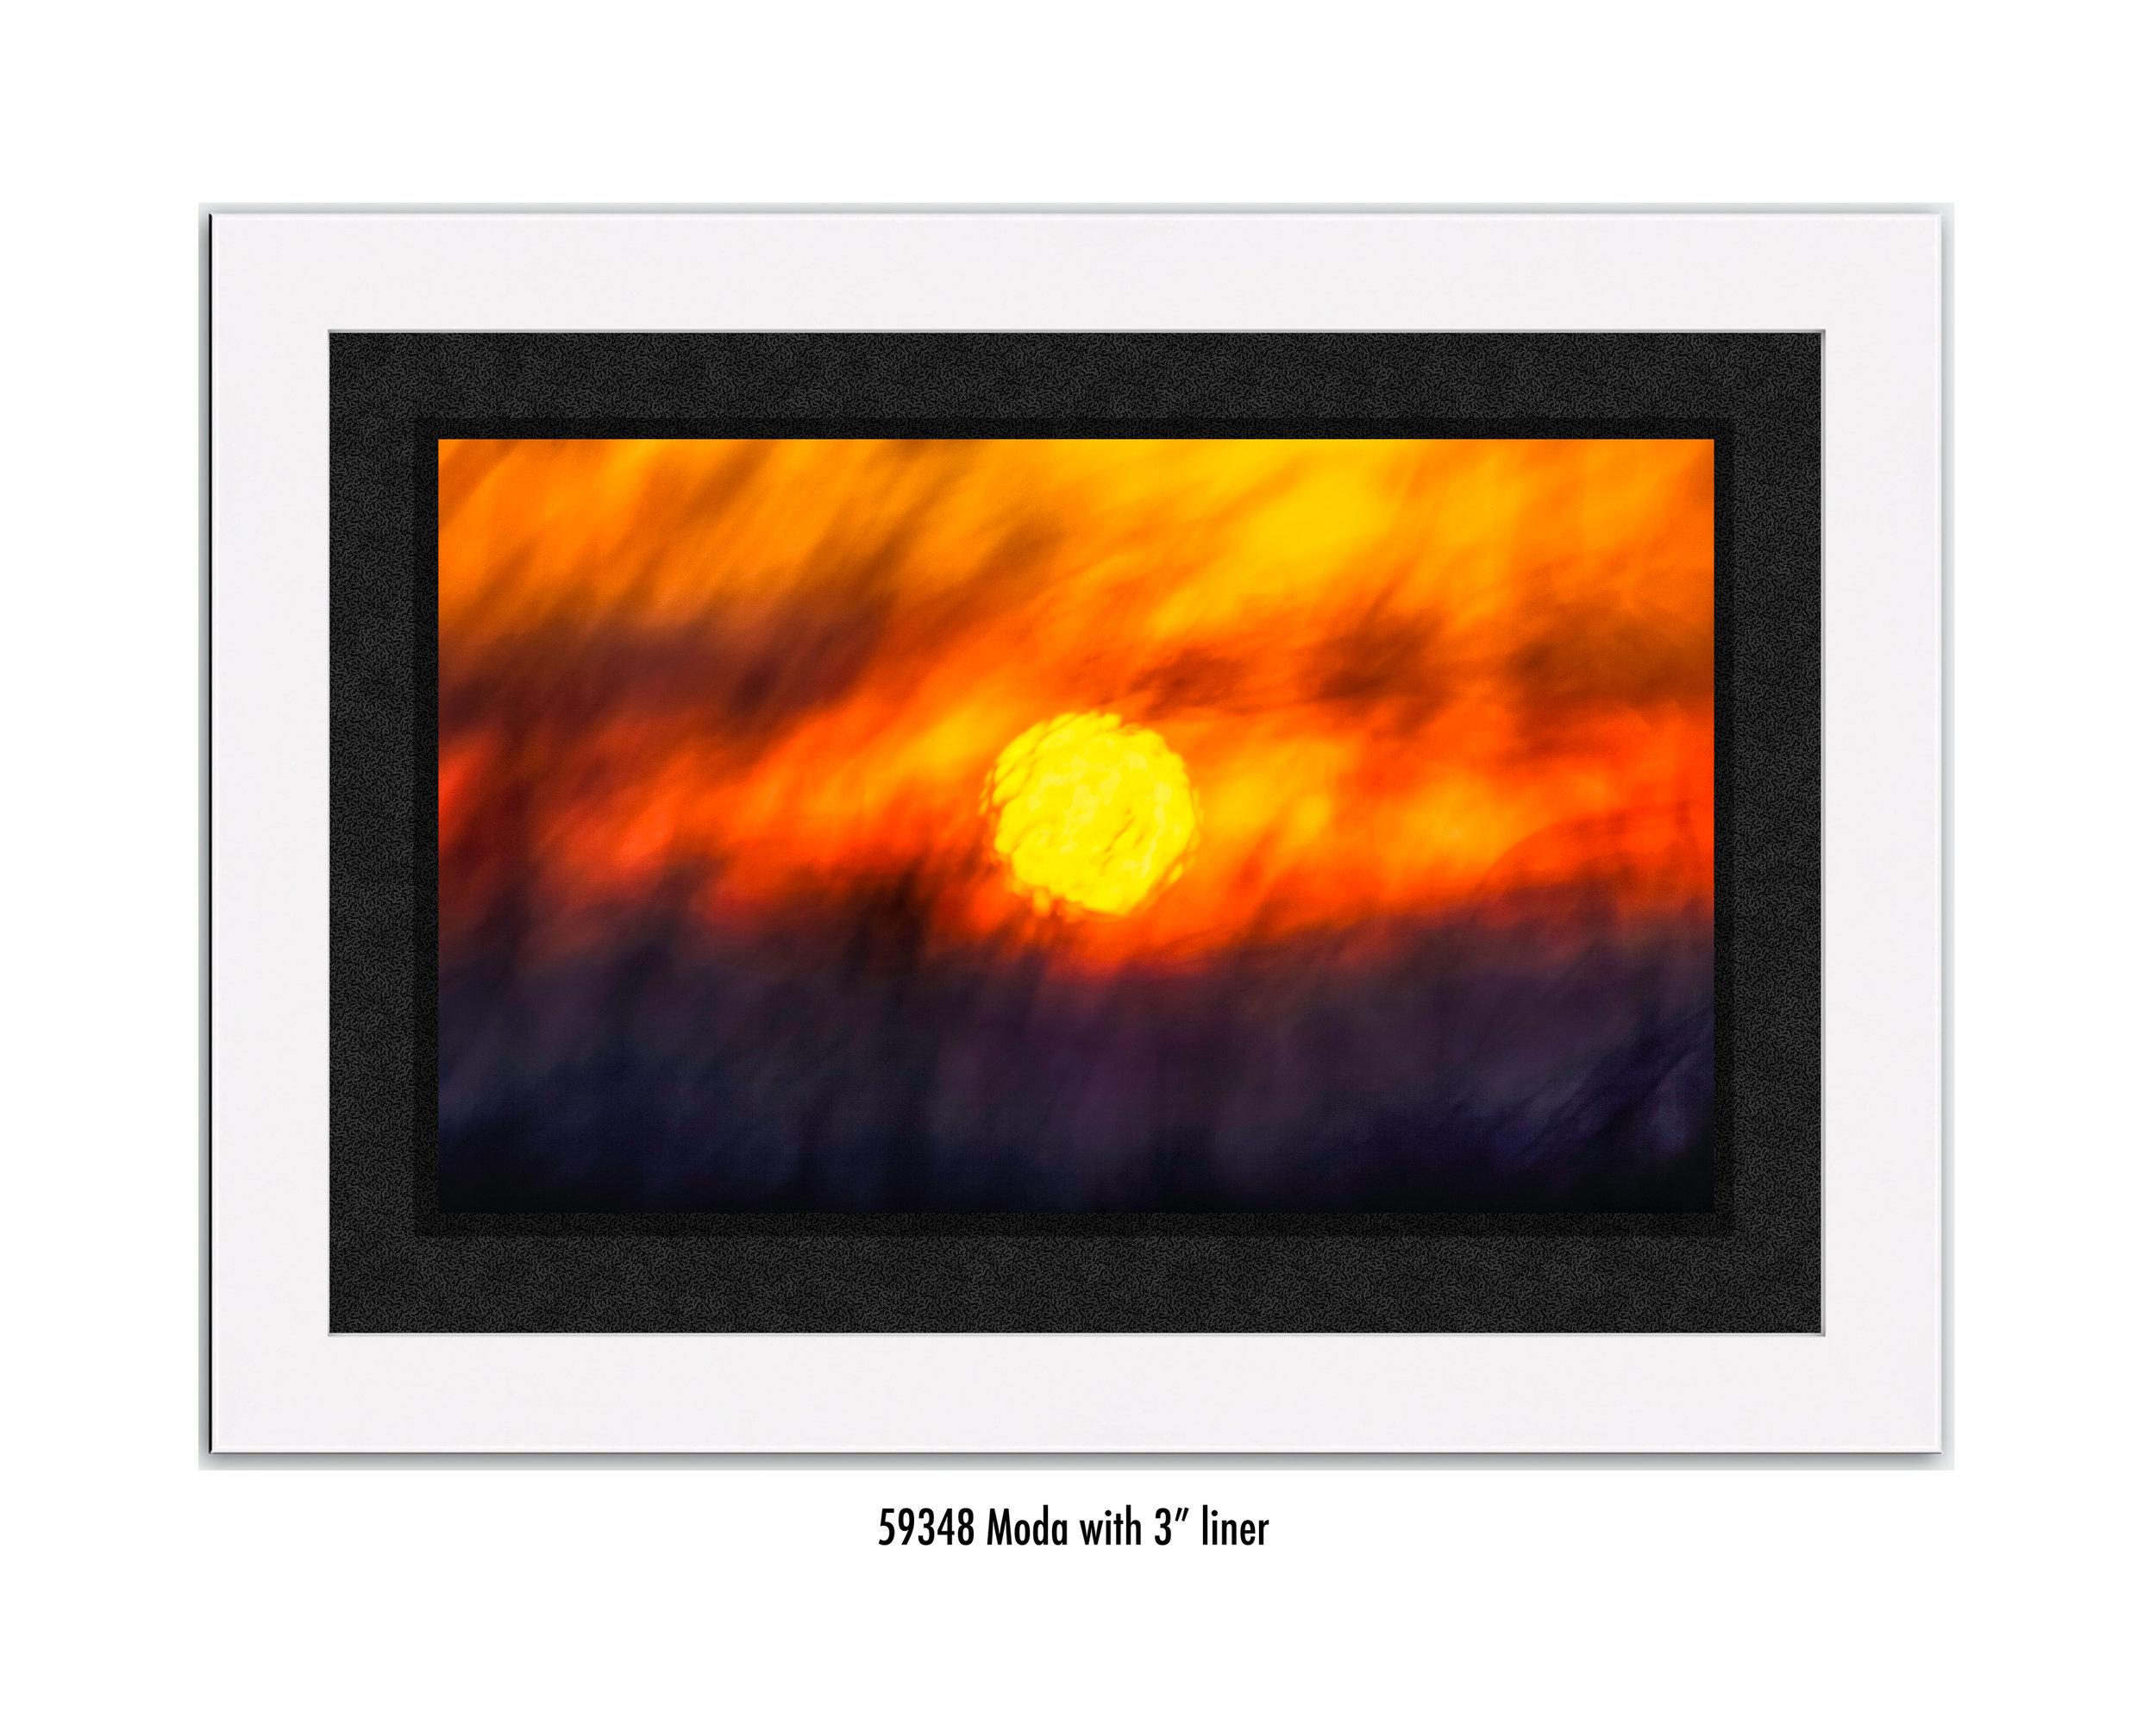 Deliverance-59348-3-blk.jpg